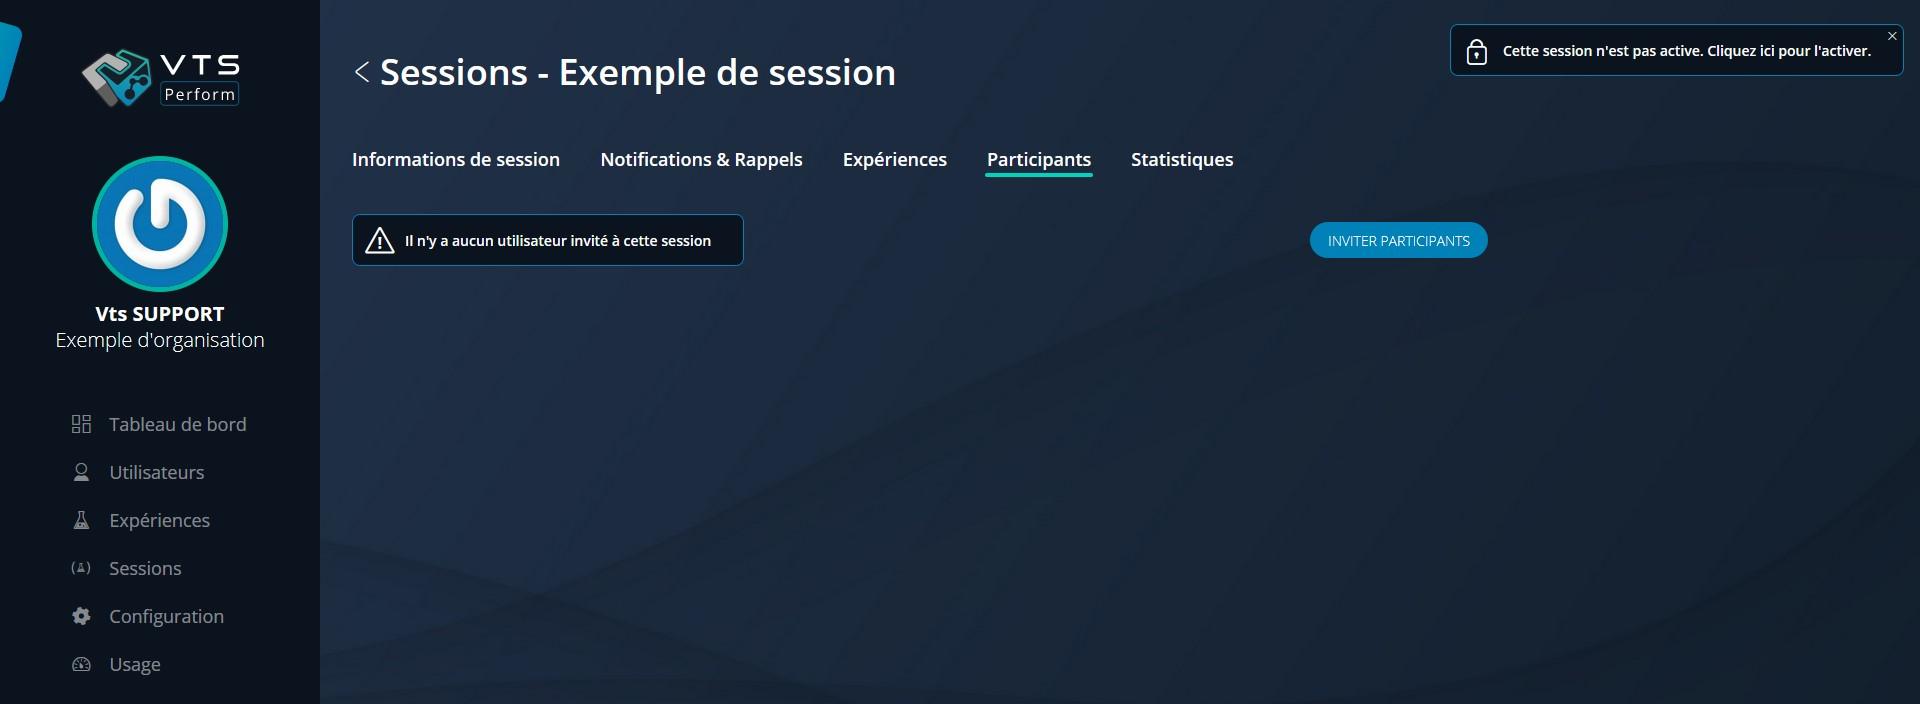 perform_sessionusers1_fr.jpg (90 KB)